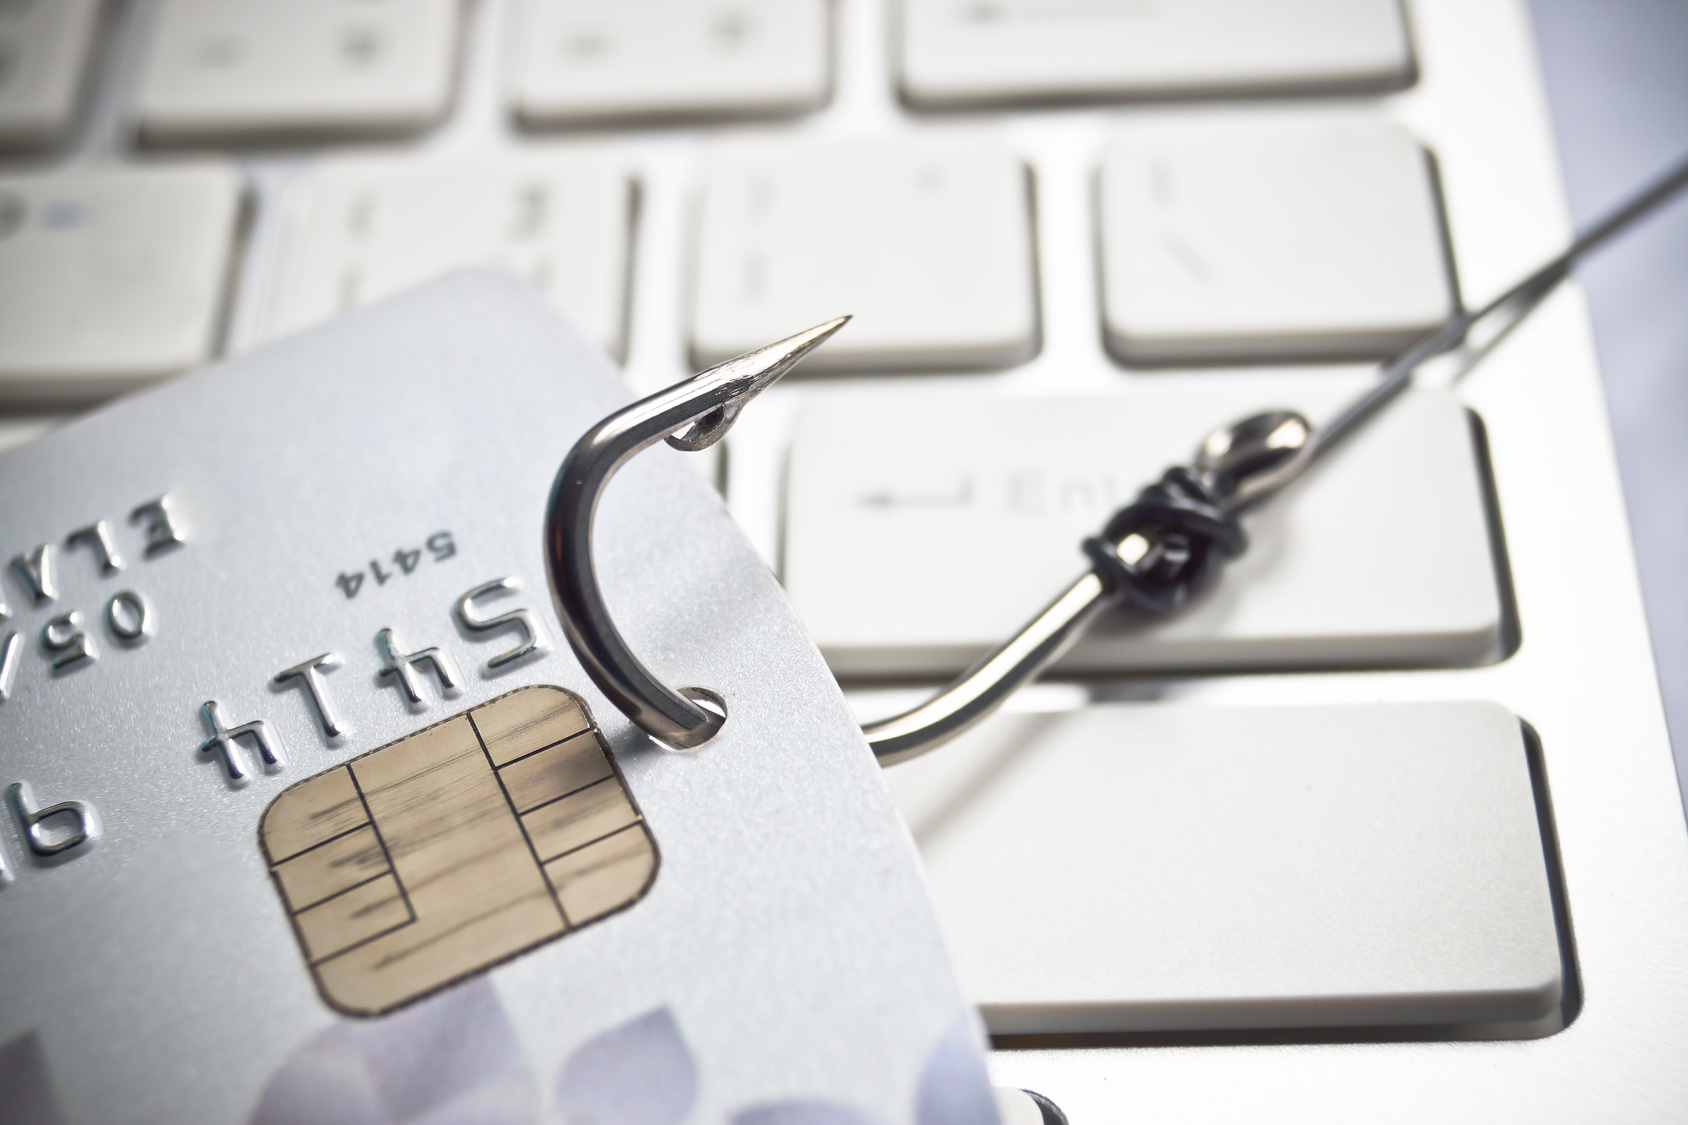 kreditkartenbetrug schutz vor kreditkartenmissbrauch bei betrug geld zur ck wer haftet. Black Bedroom Furniture Sets. Home Design Ideas